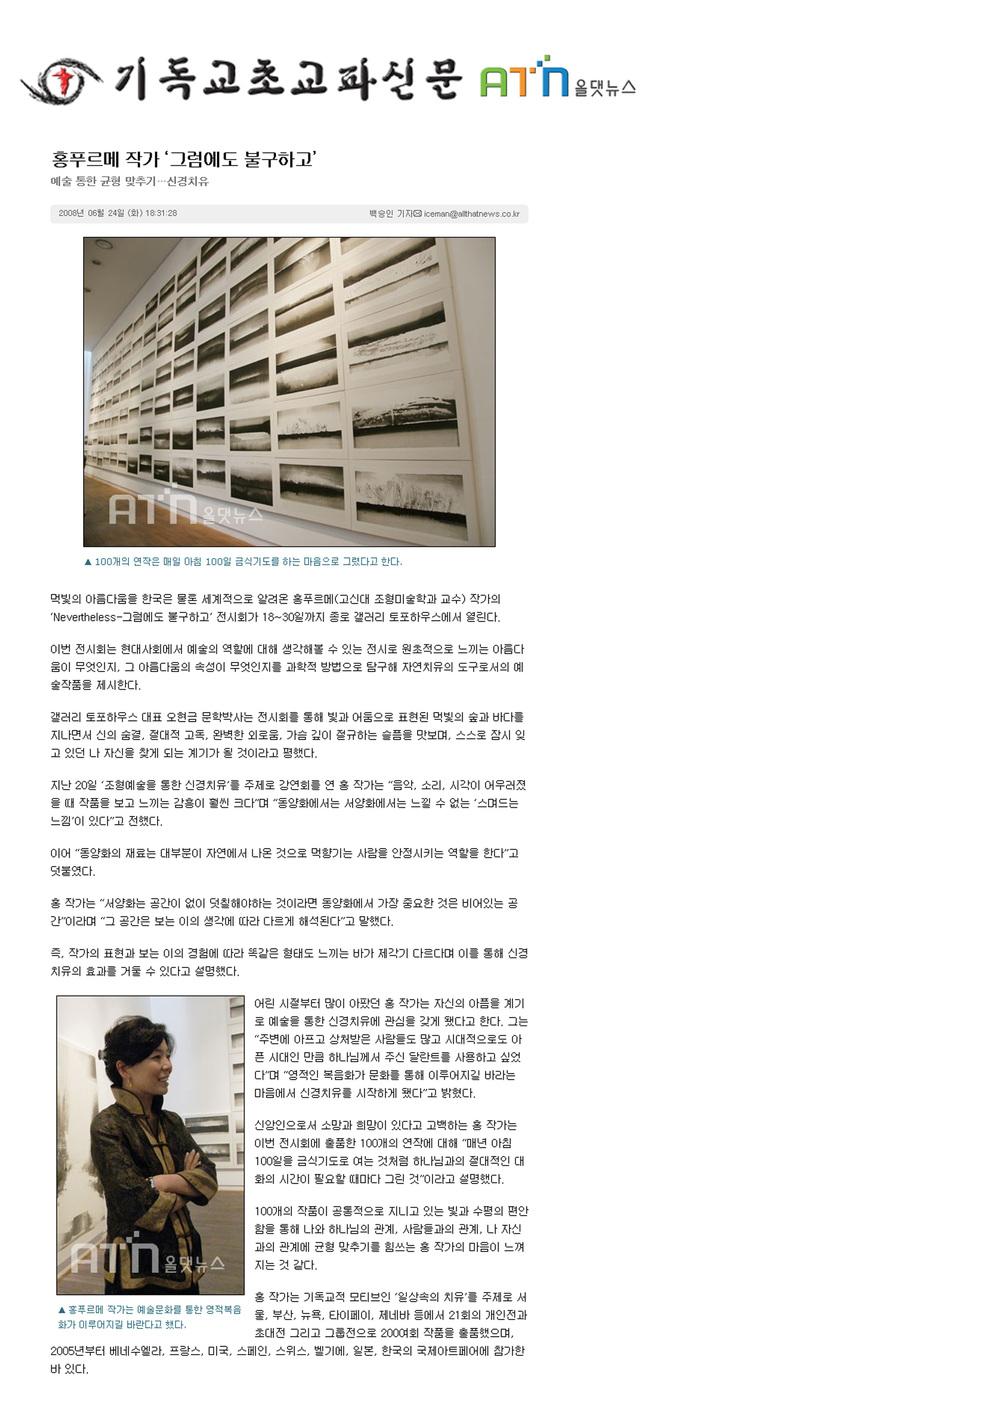 홍푸르메-기독교신문.jpg